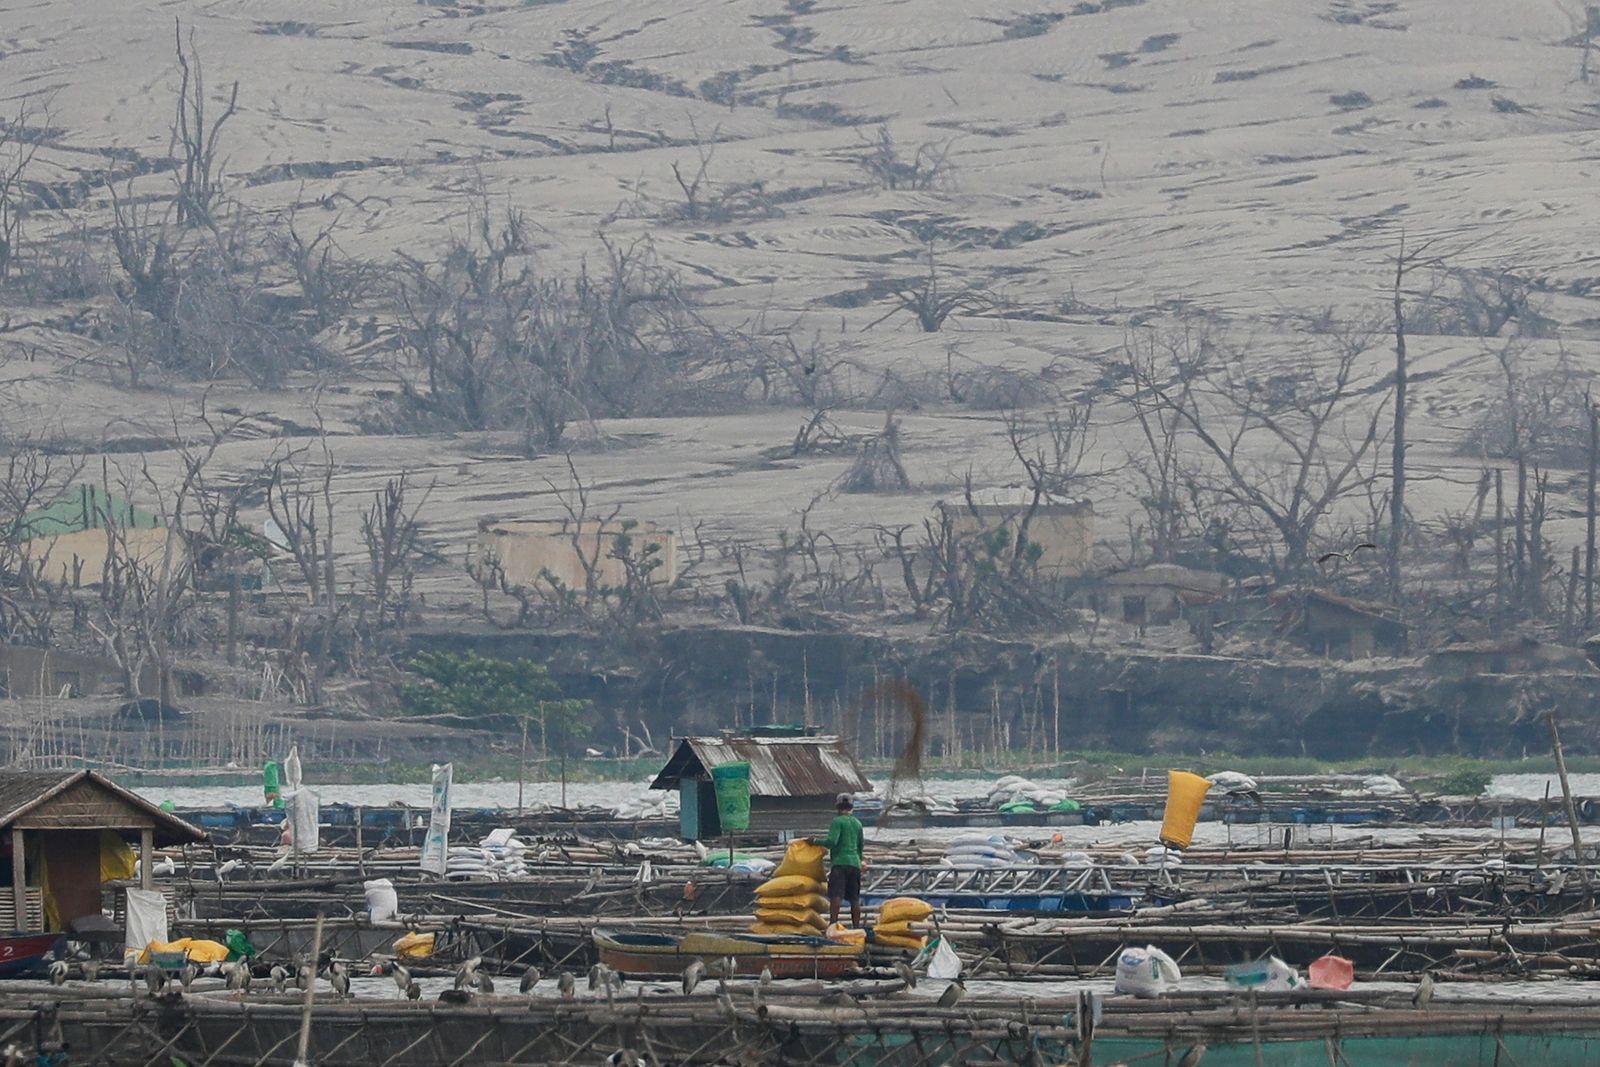 Vulkan Taal auf den Philippinen ausgebrochen